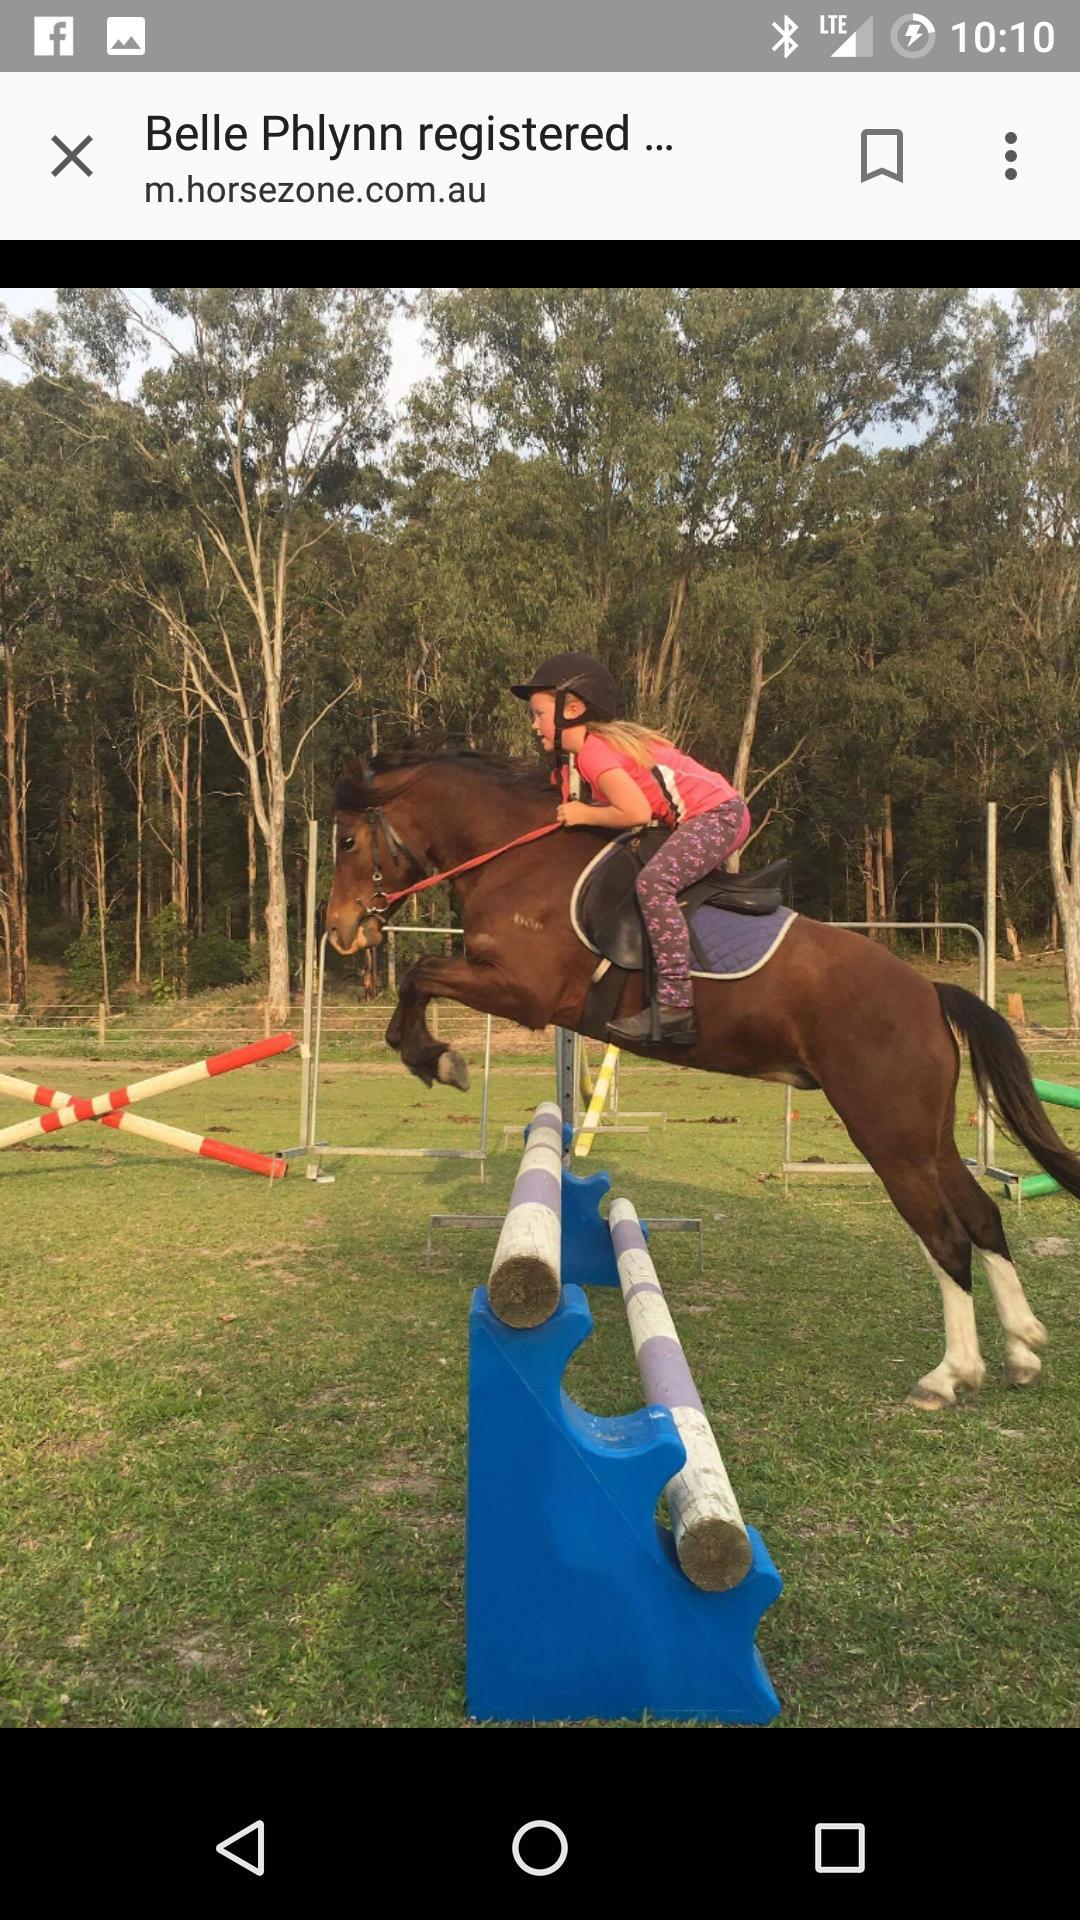 Belle Phlynn Welsh pony